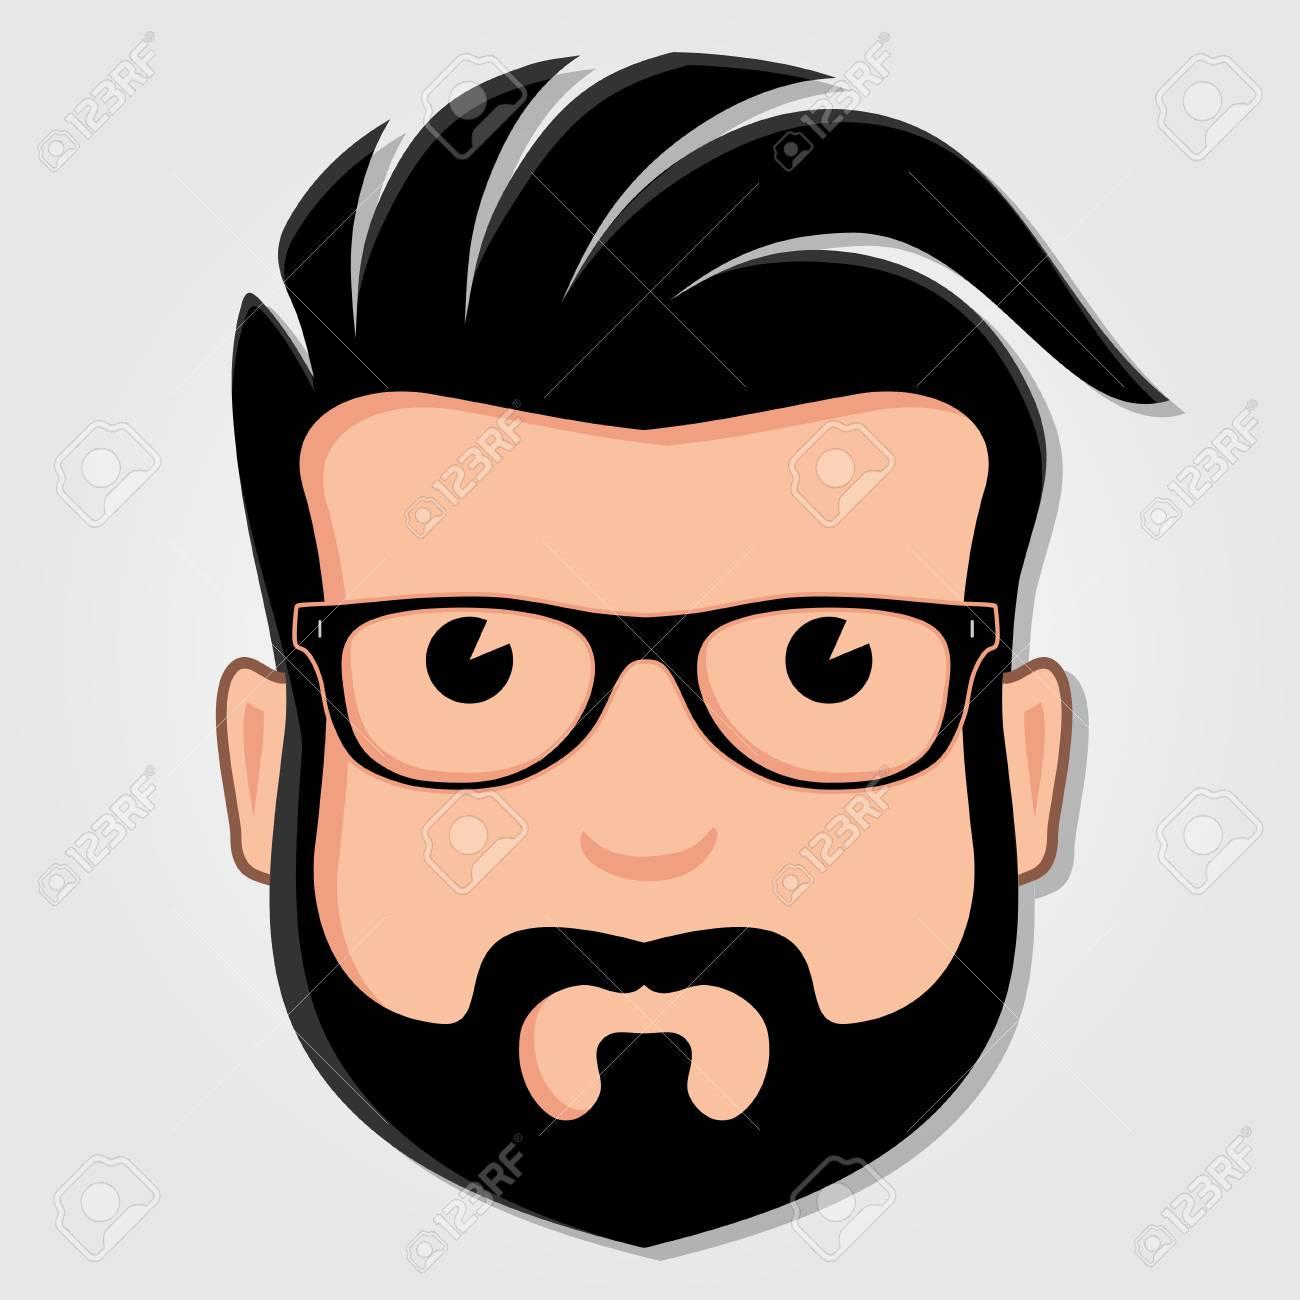 man cartoon face with